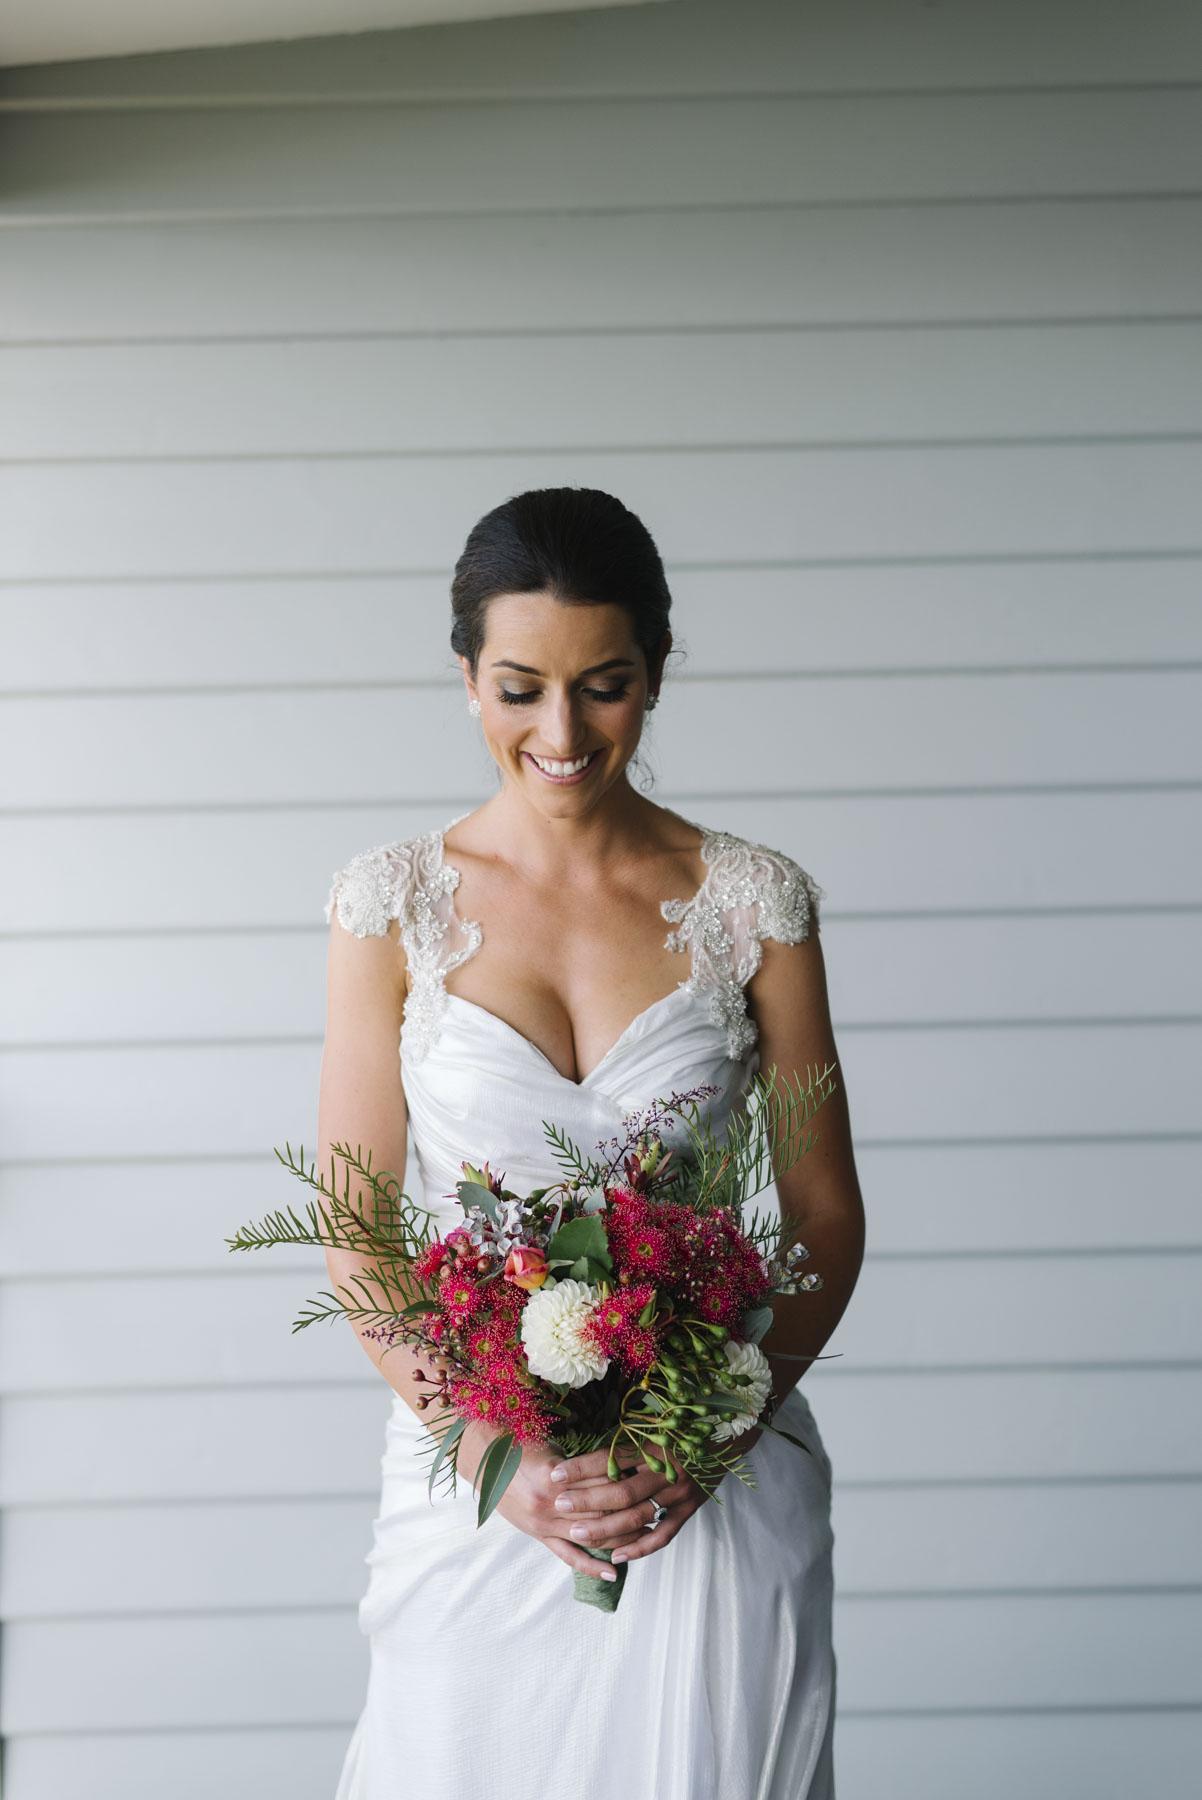 1501curchill-134alan_moyle_wedding_portrait_brighton_bayside_bay_of_fires_rustic_styled_rustic_beach_candid_documentry_binalongbay_tasmania_destination.jpg